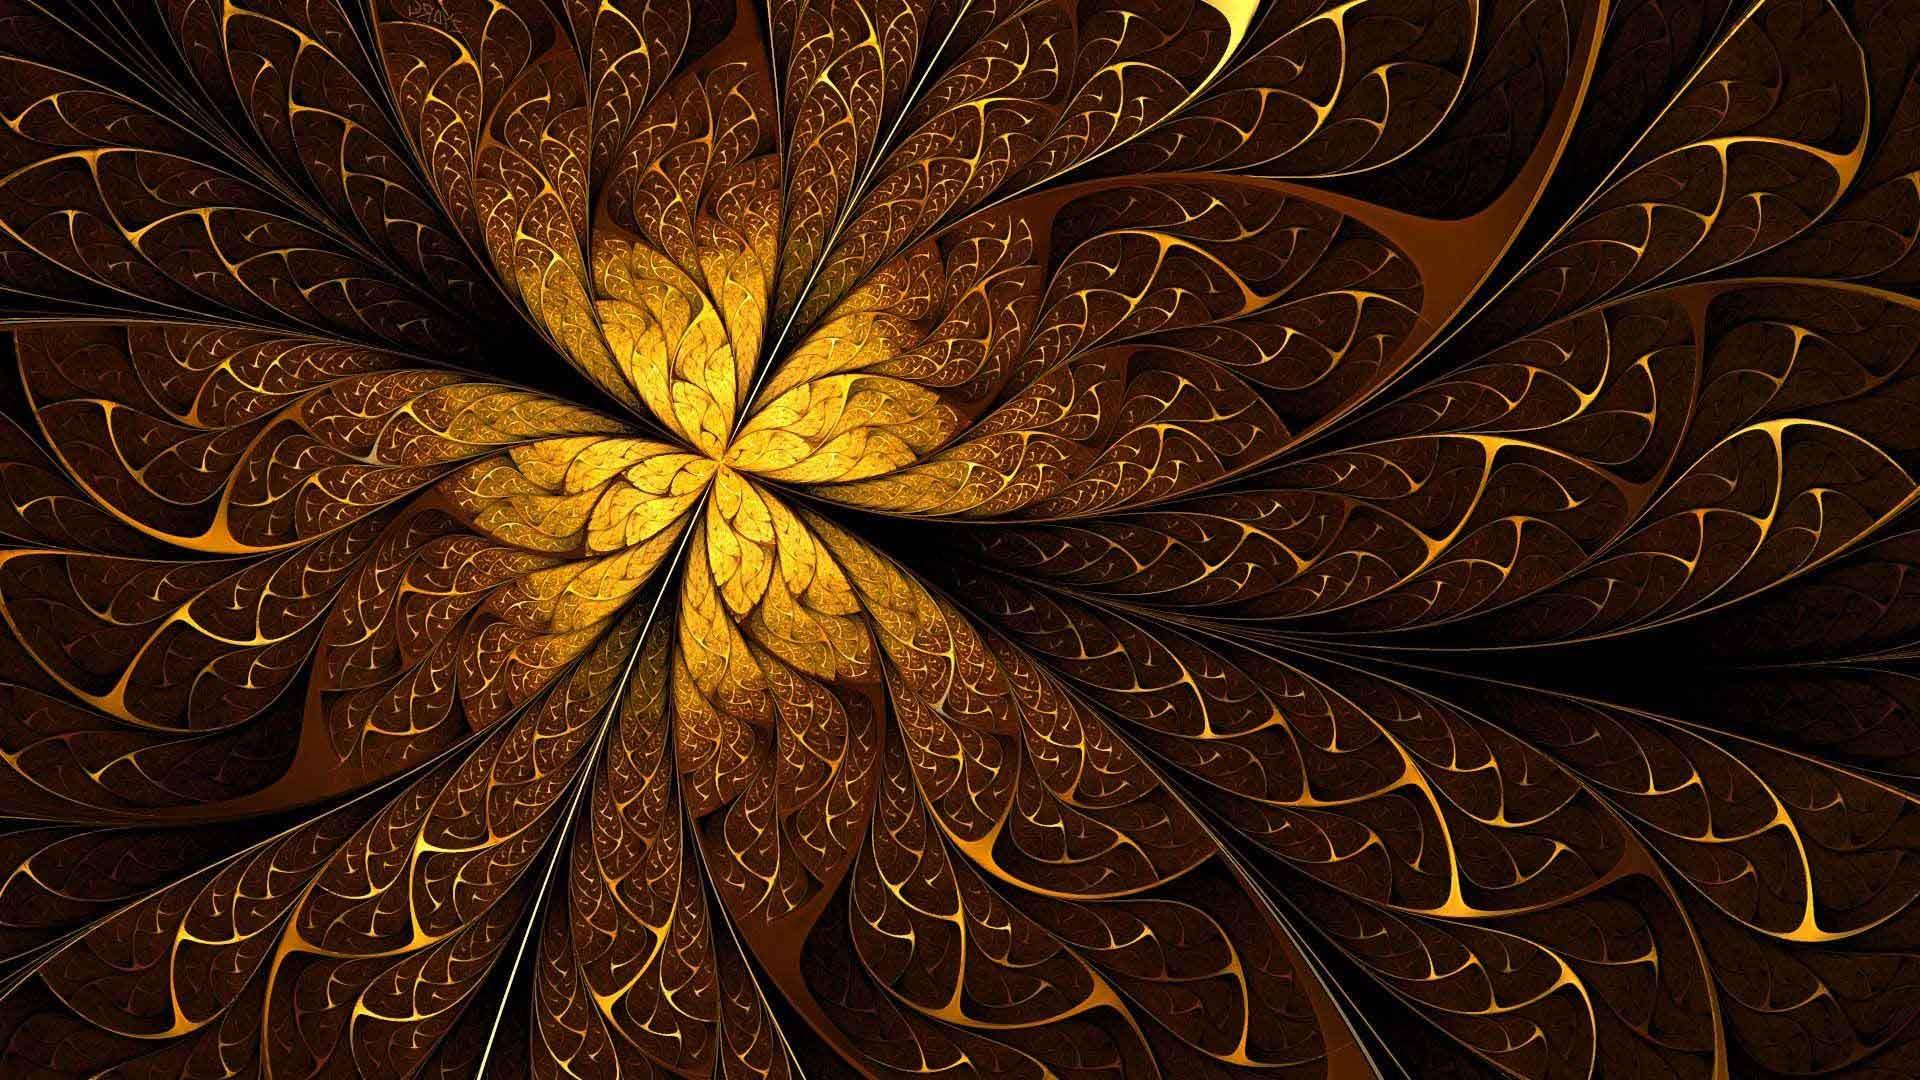 Rüyada altın görmek 1